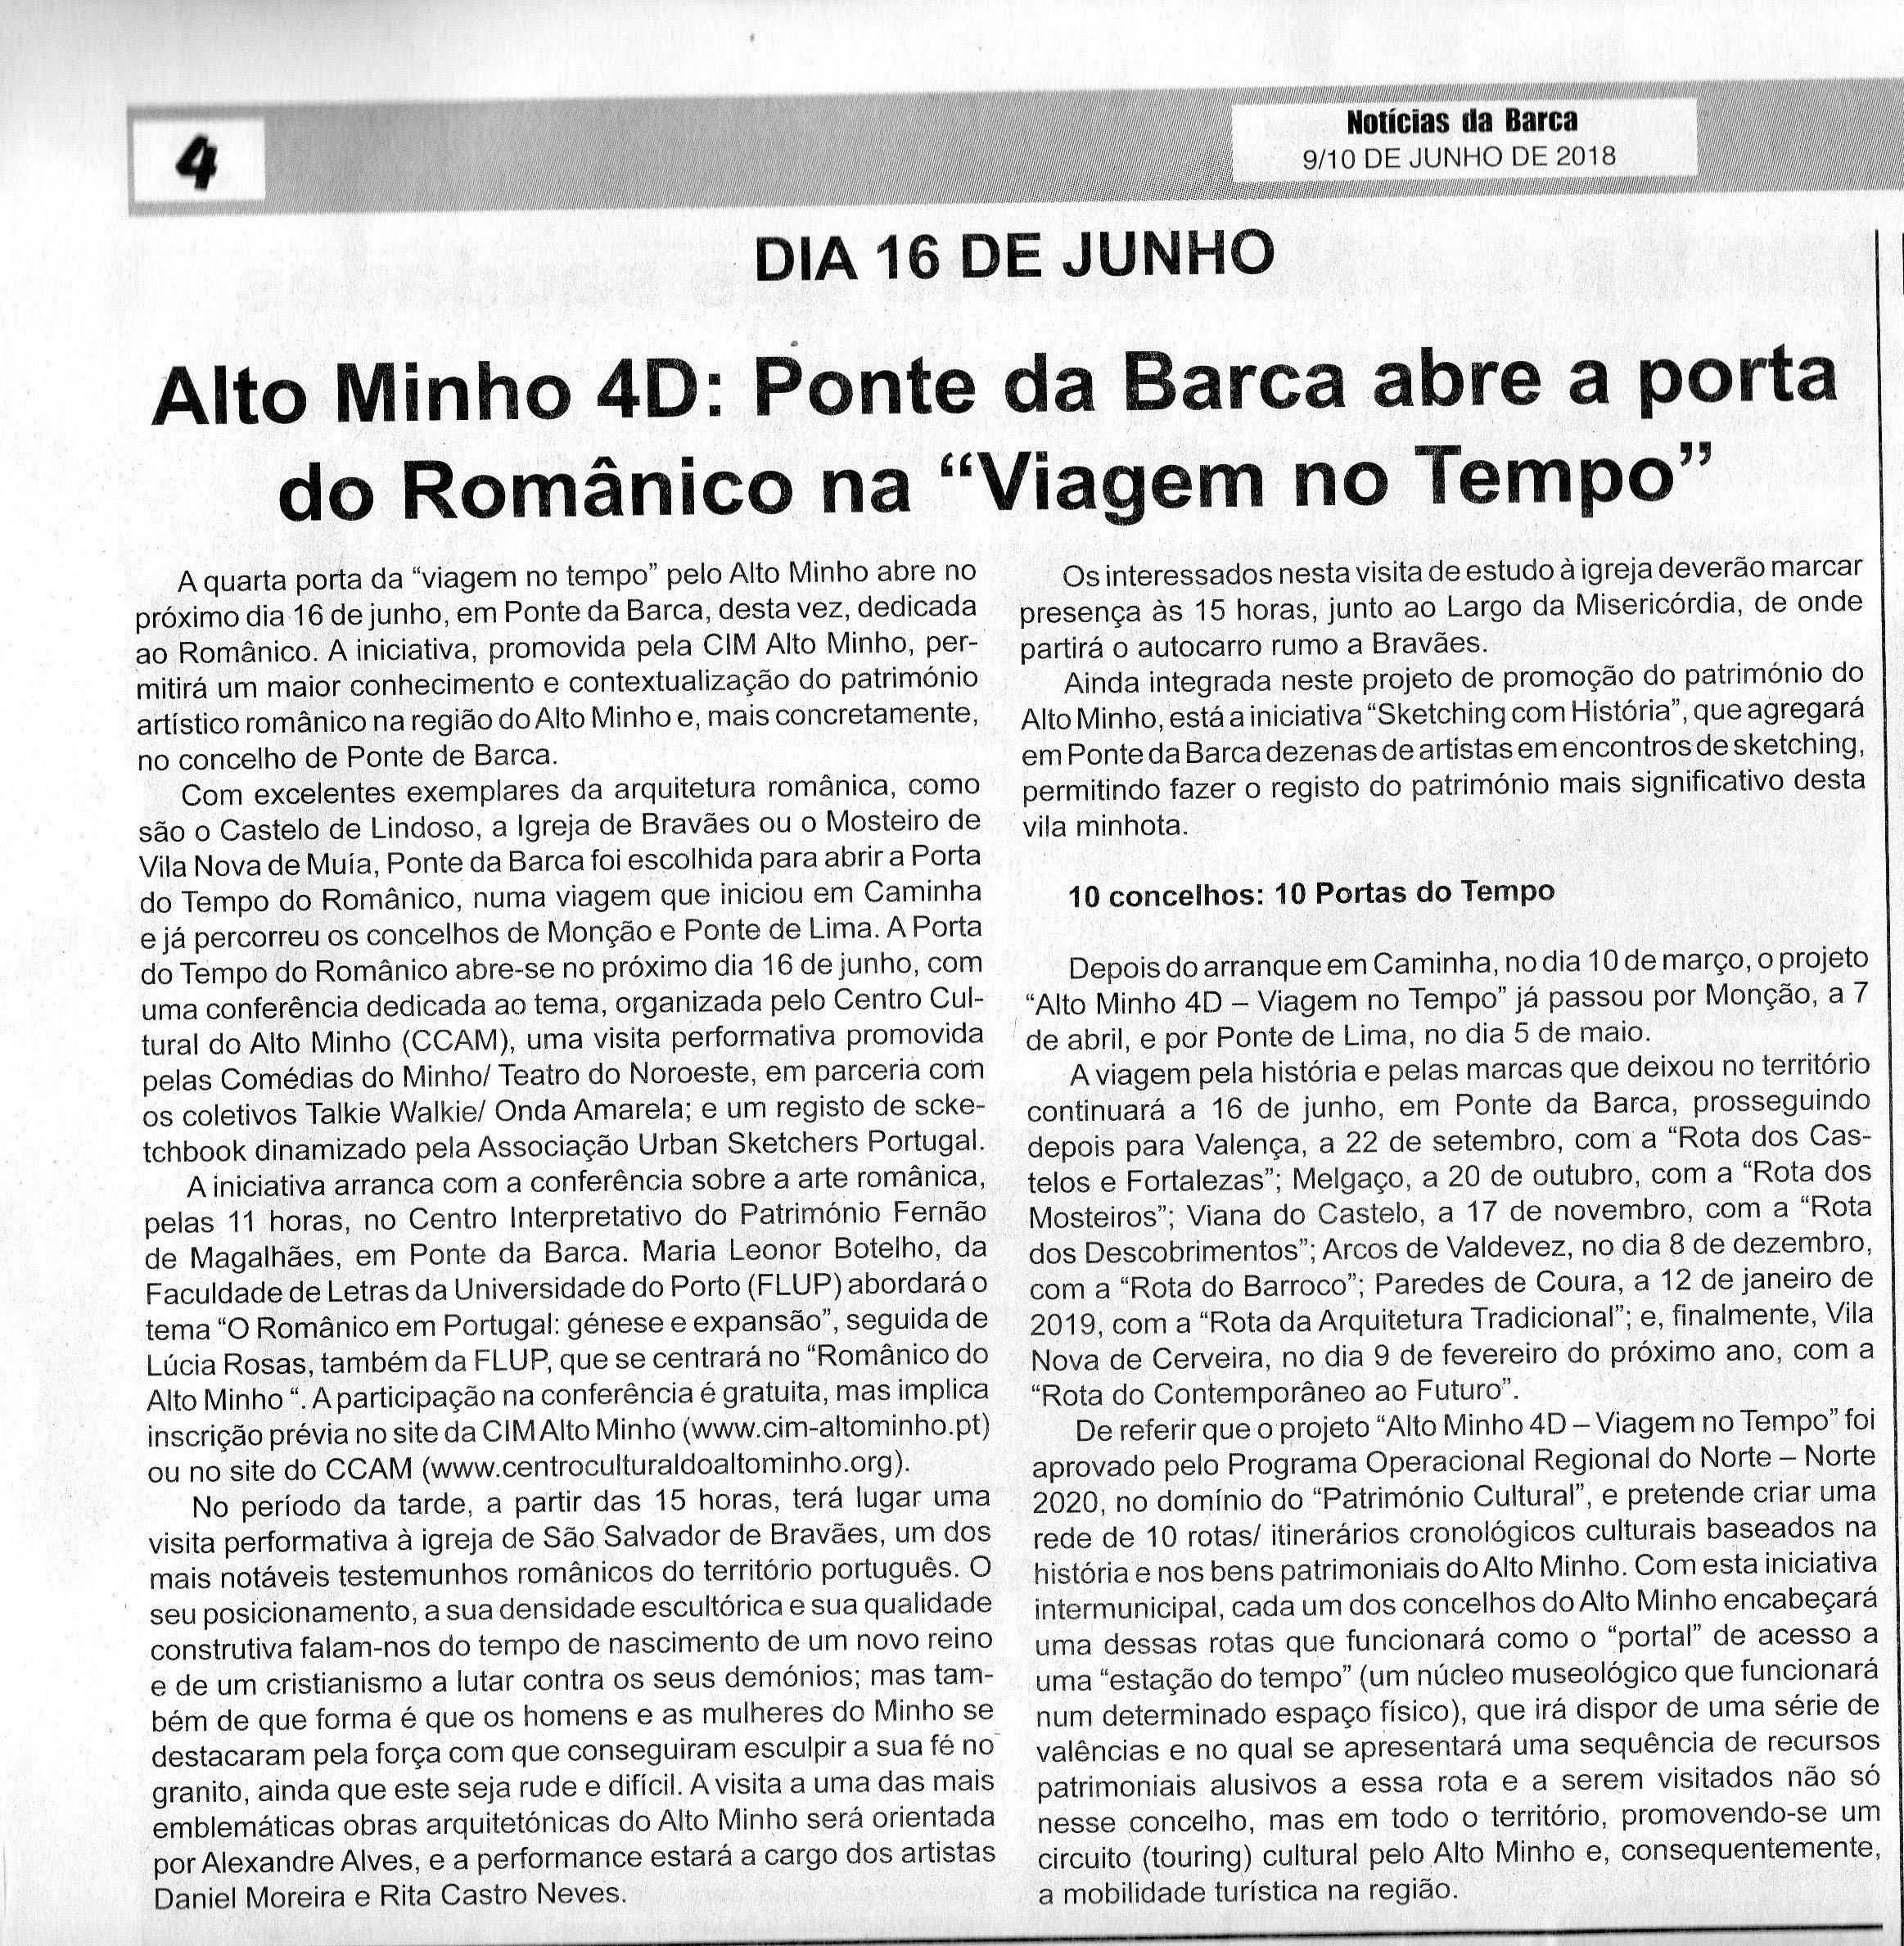 https://sites.google.com/a/centroculturaldoaltominho.org/ccam/recortes-de-imprensa/2018/noticias%20da%20barca_09e10junho2018.jpg